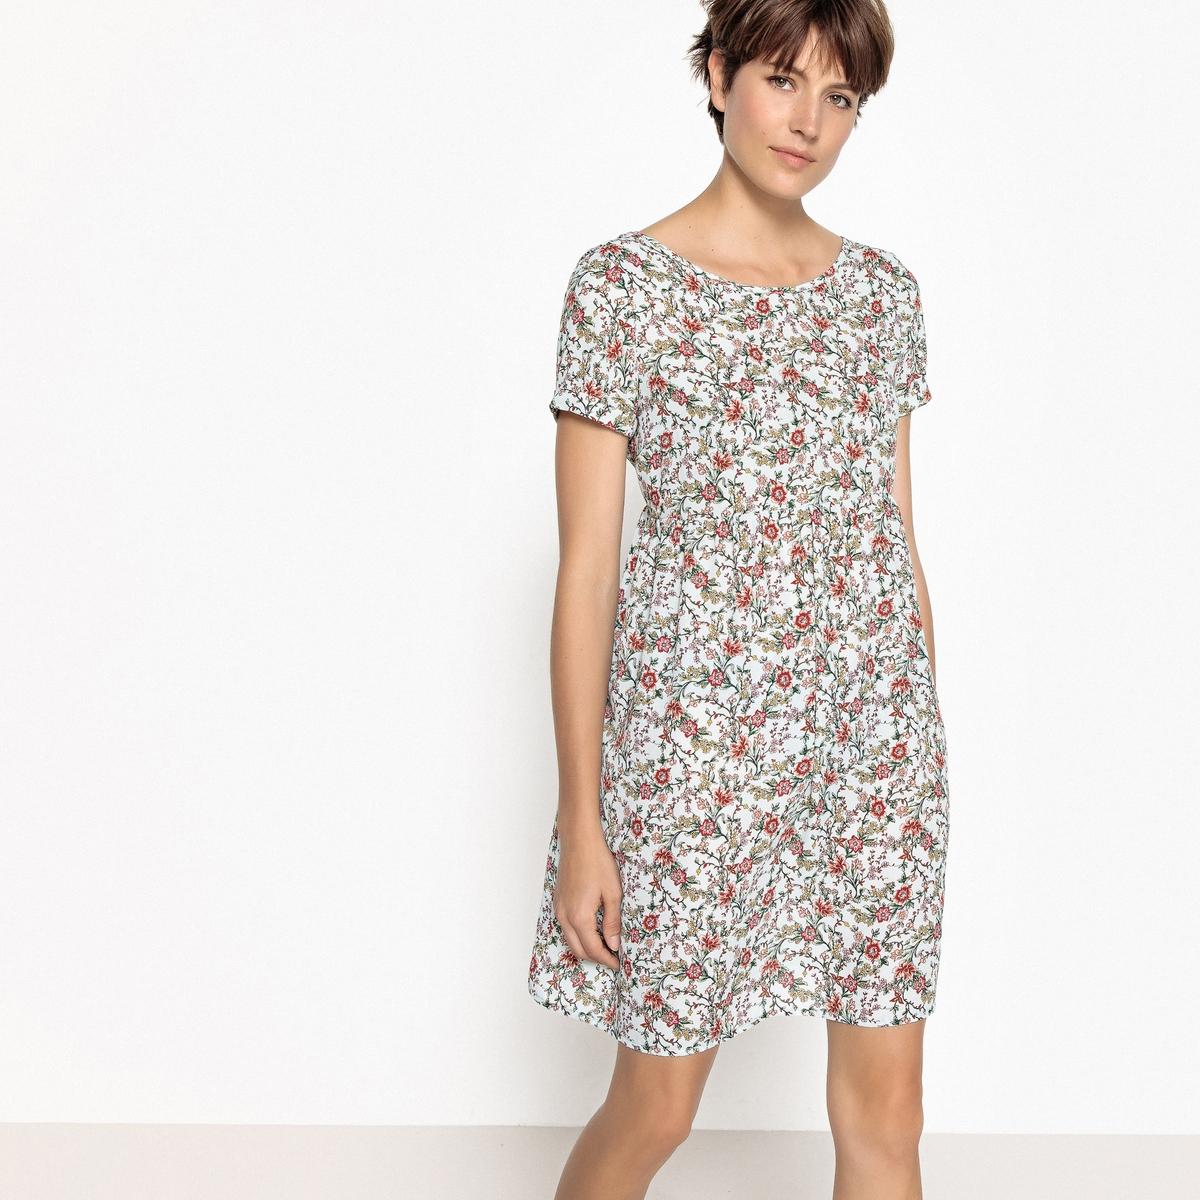 Платье короткое прямое с цветочным рисунком и короткими рукавами короткое расклешённое платье с короткими рукавами azteca skirt